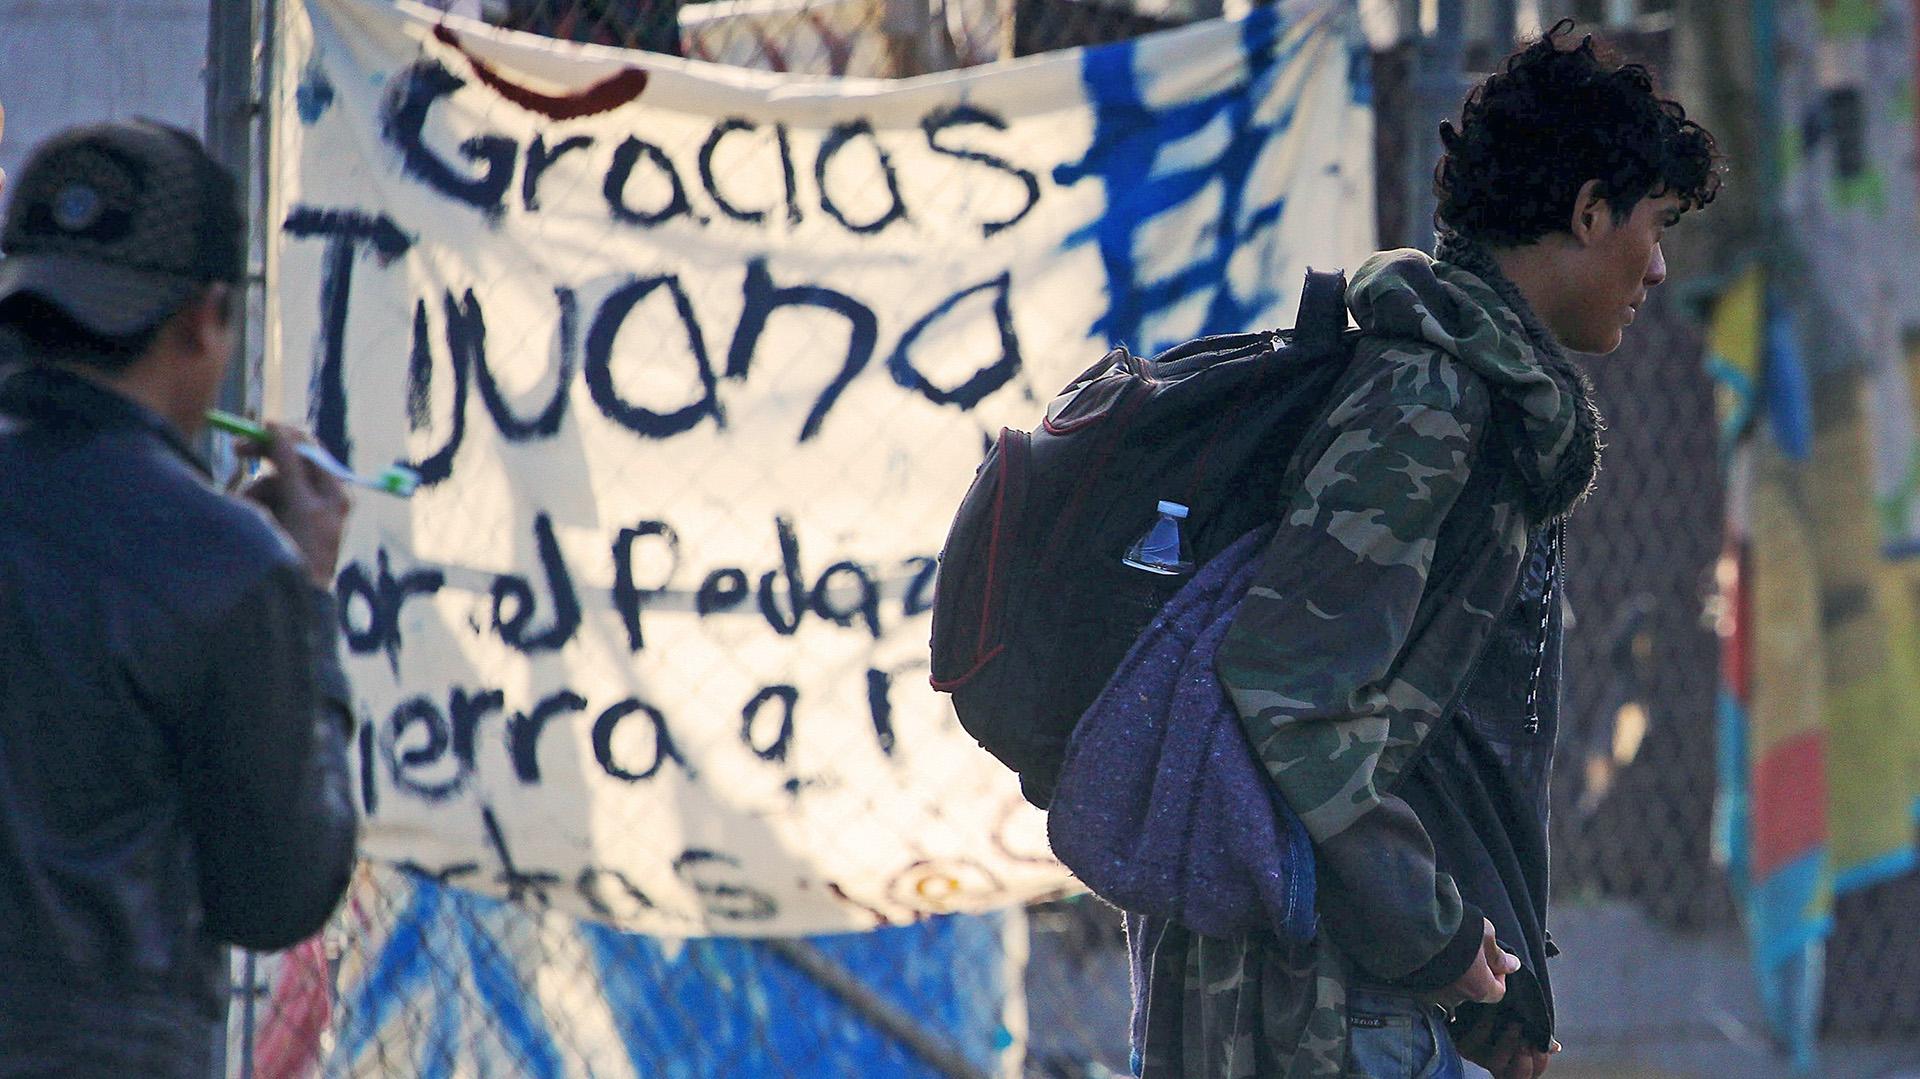 Los migrantes serán trasladados a otro predio atendido por el Instituto Nacional de Migración. (Foto: EFE)